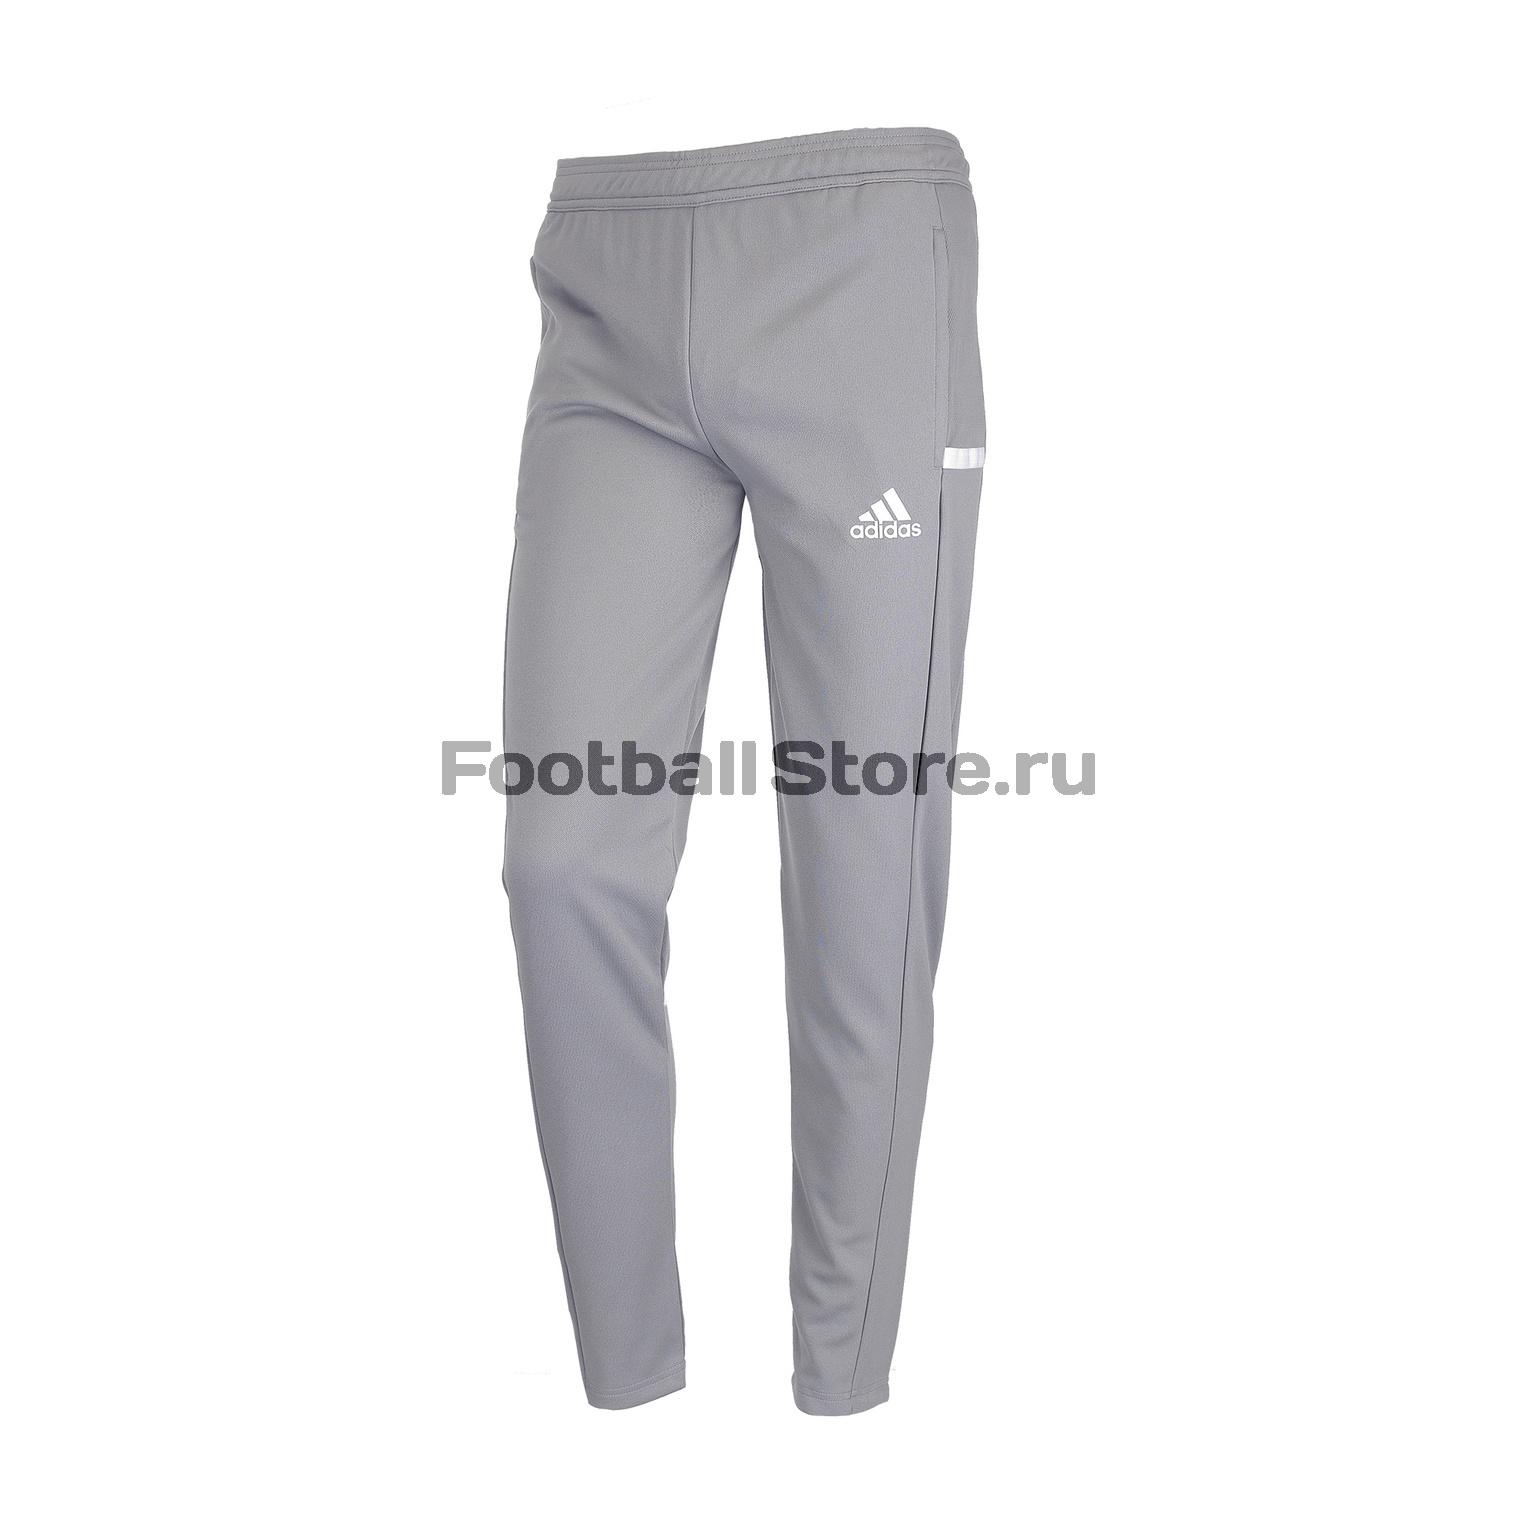 Брюки подростковые Adidas Pant DX7333 цена